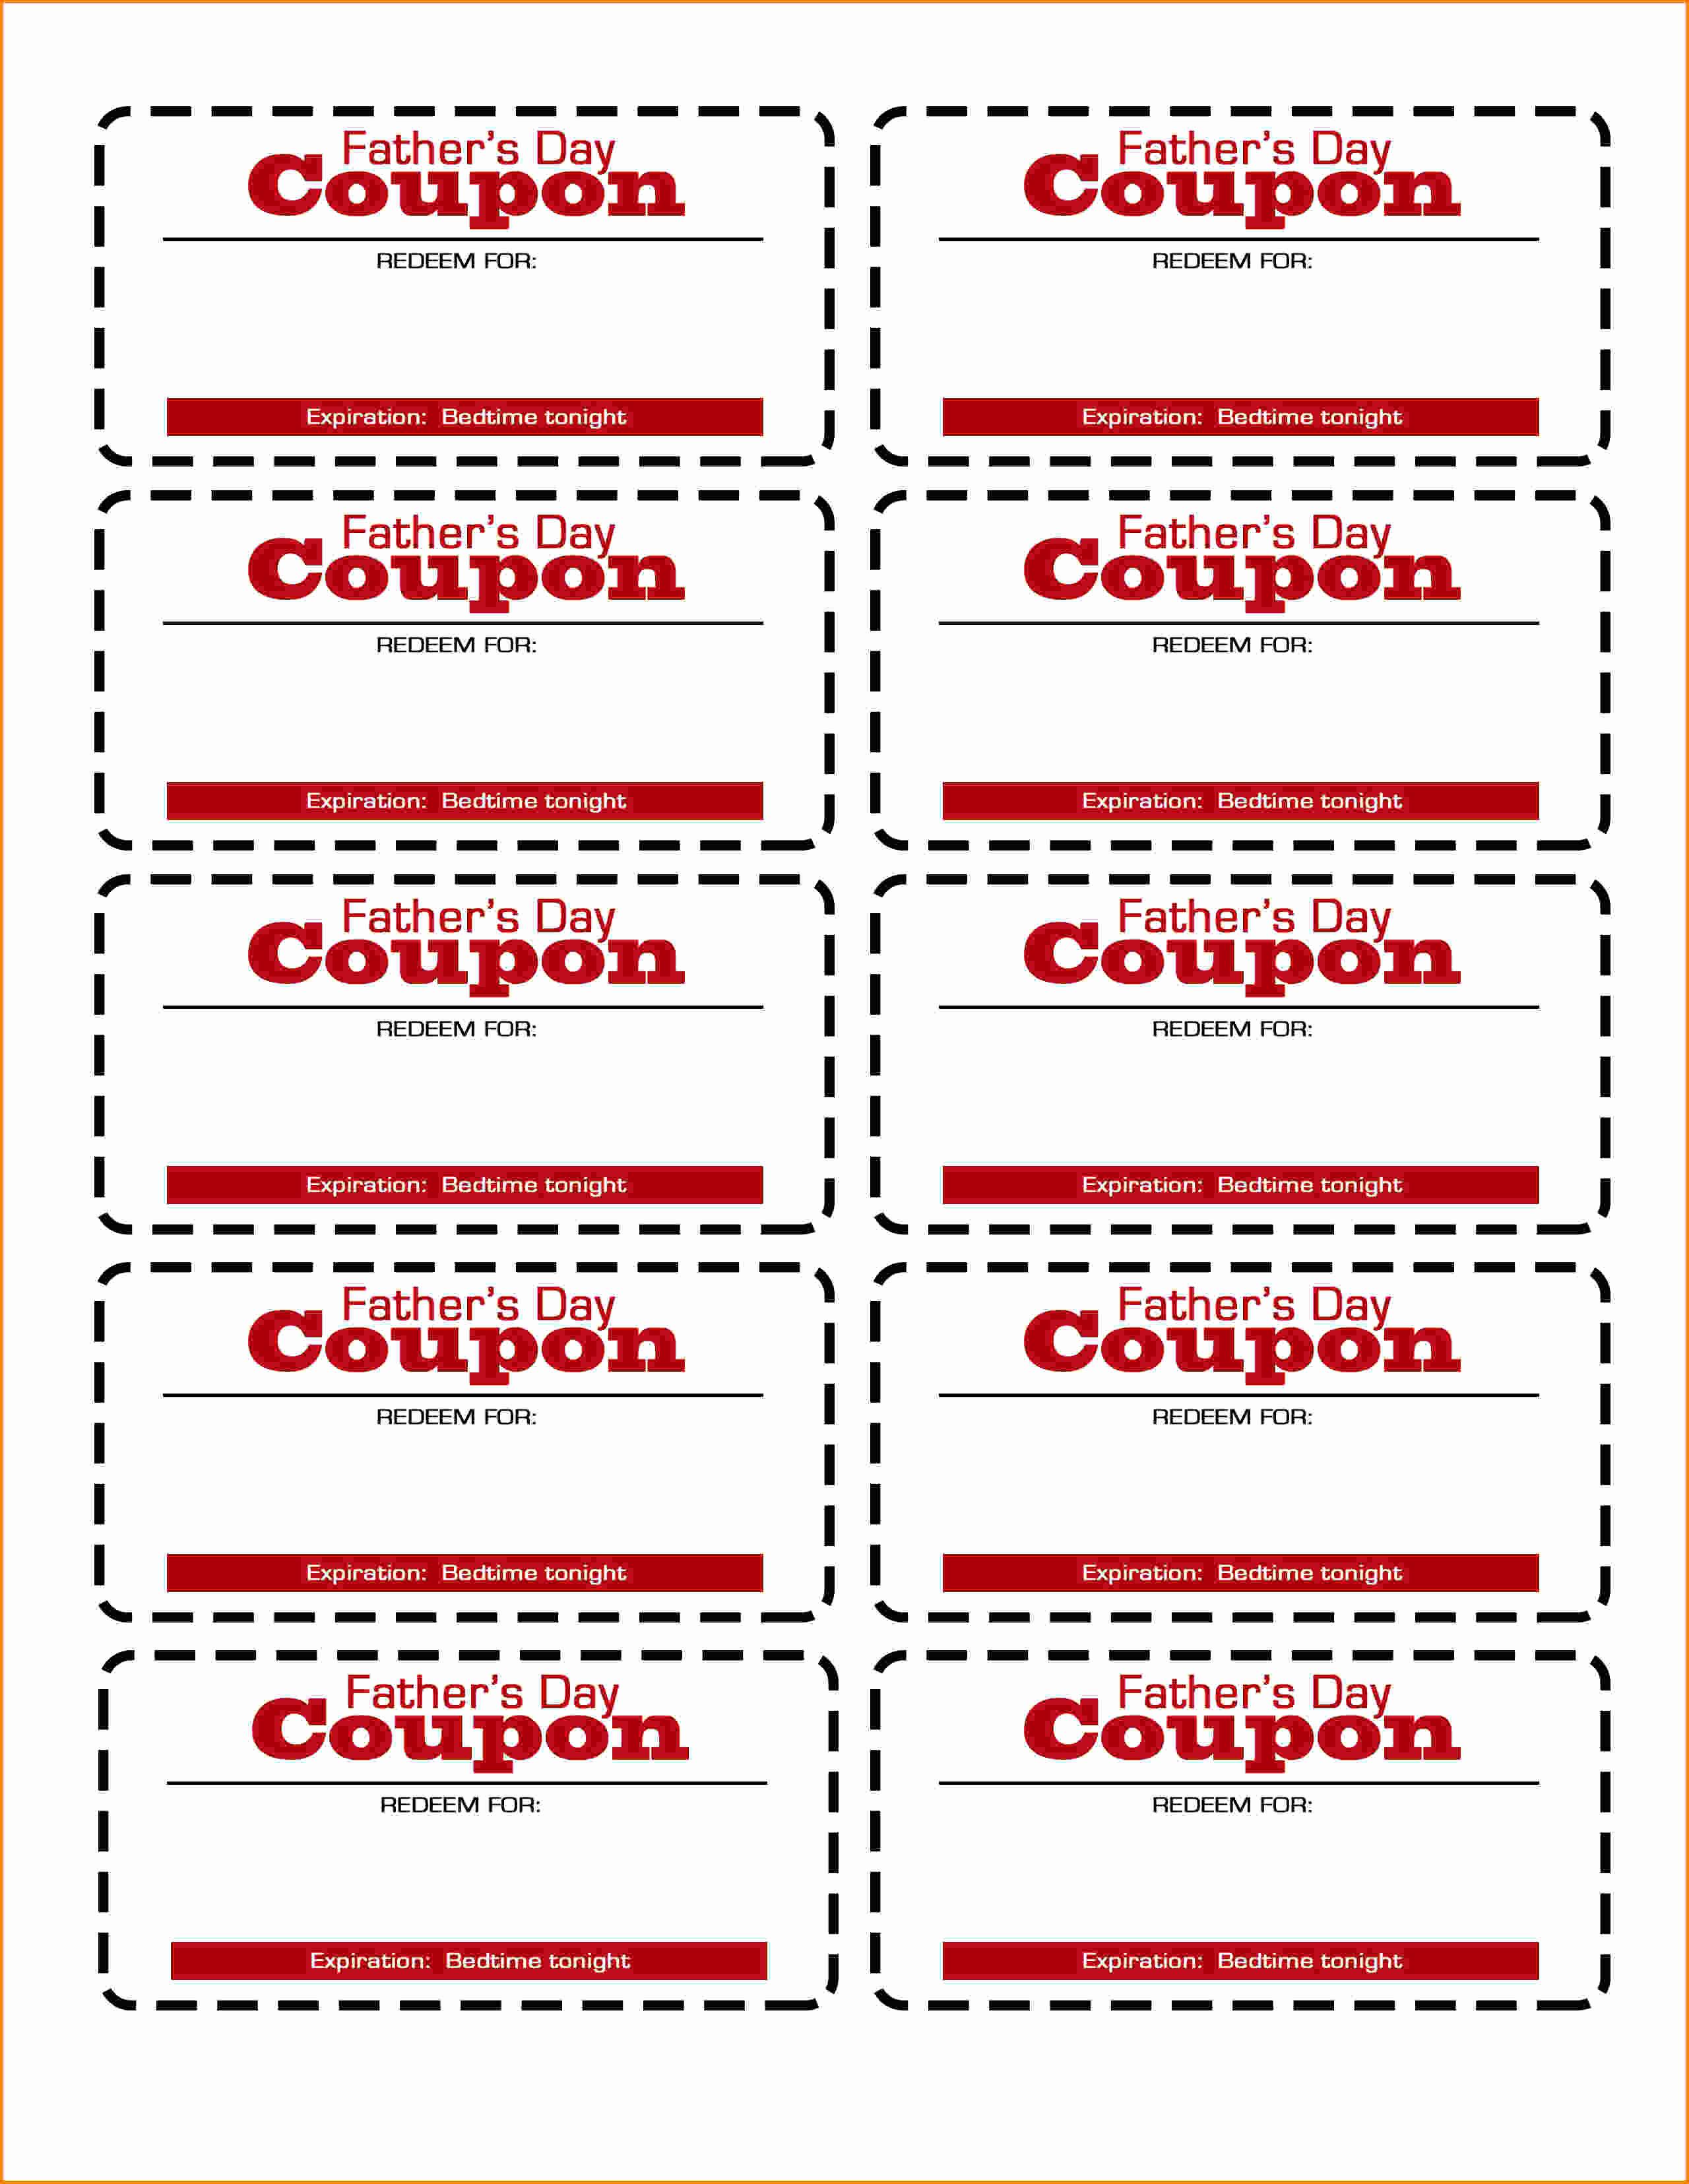 Free Printable Coupon Template Blank Inspirational Template Coupon Template